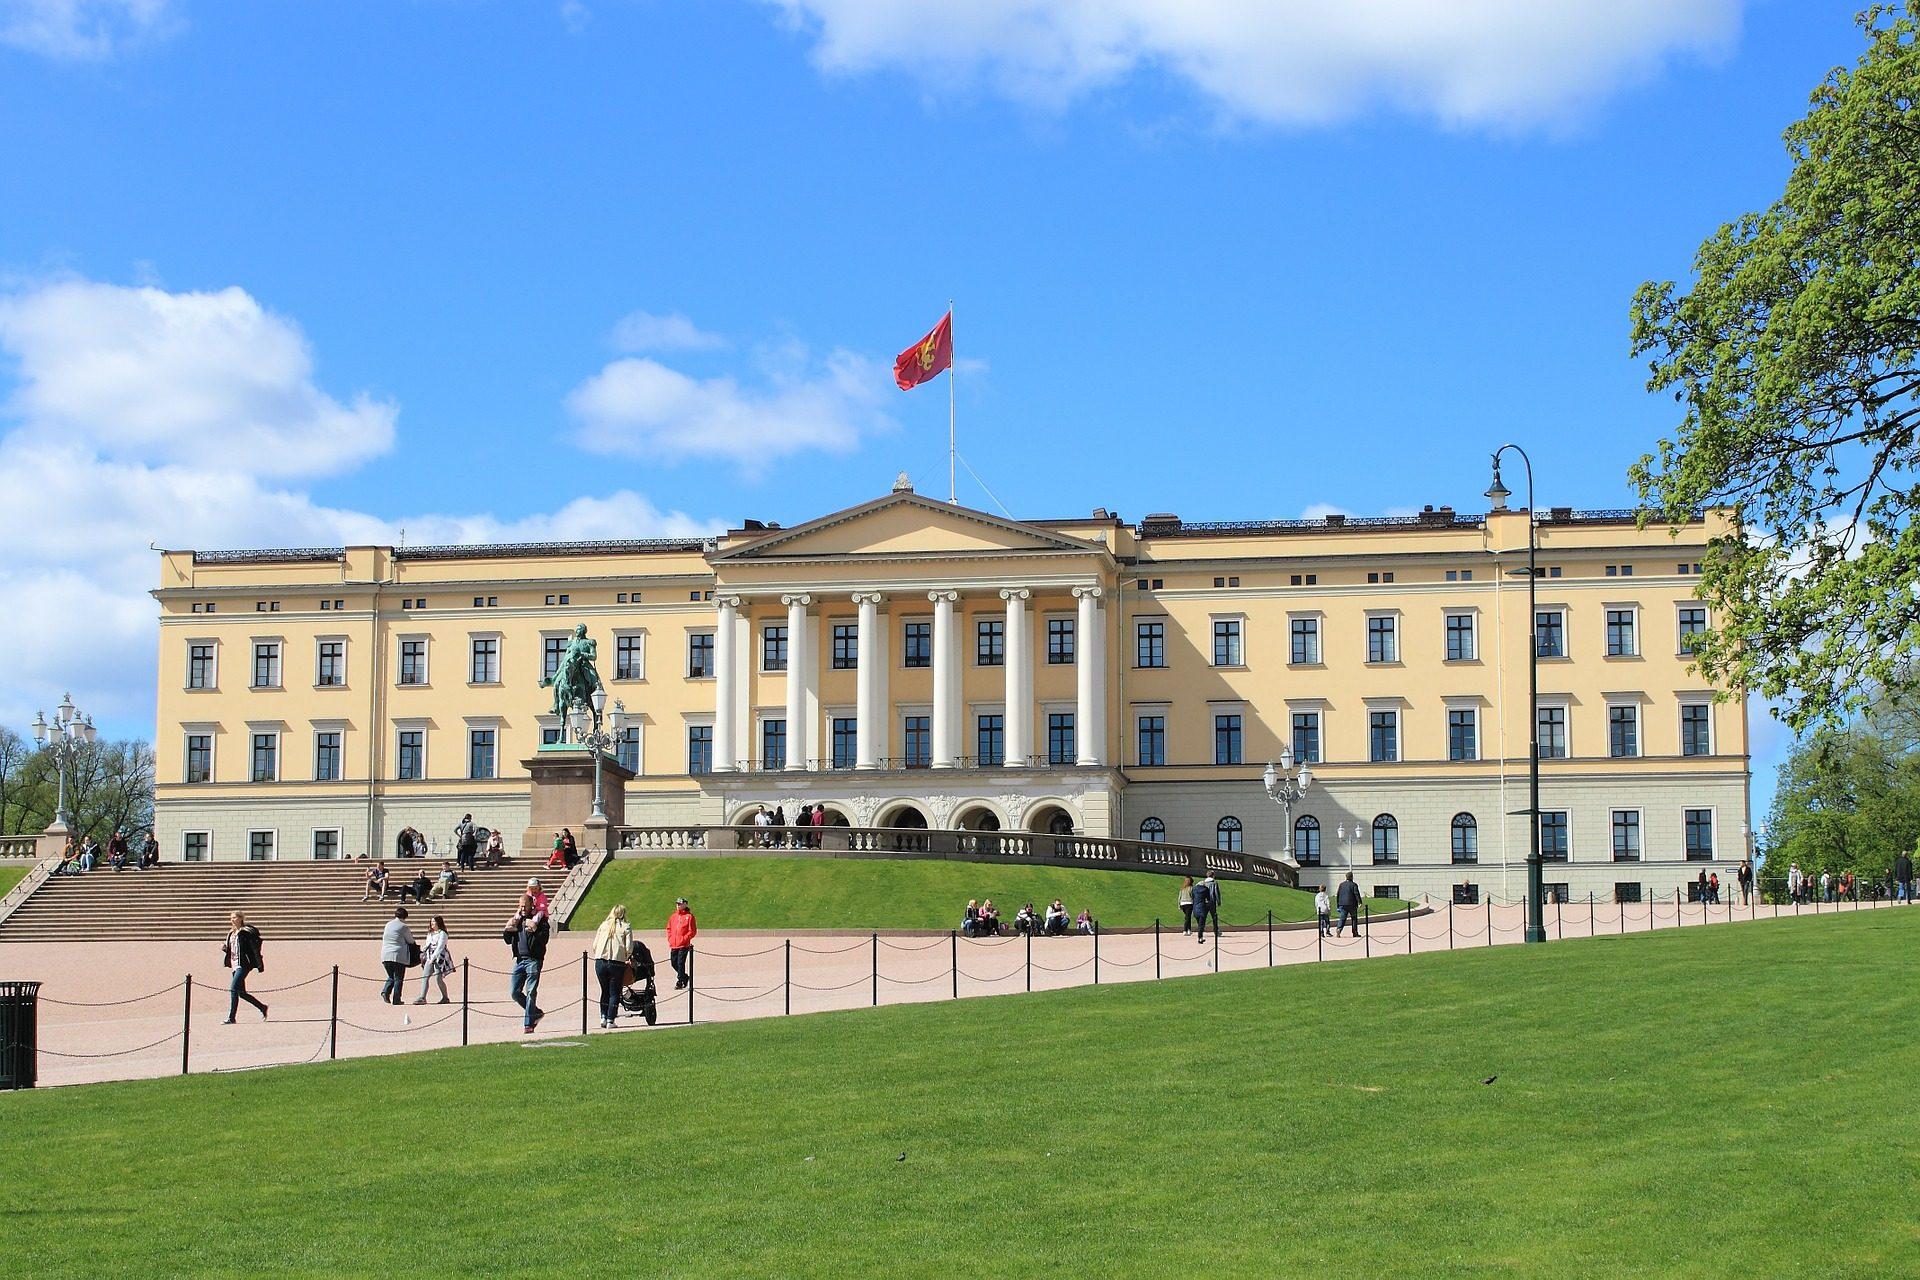 Während des Städte Trips nach Oslo sollten Sie das Königshaus aufjedenfall Besuchen .